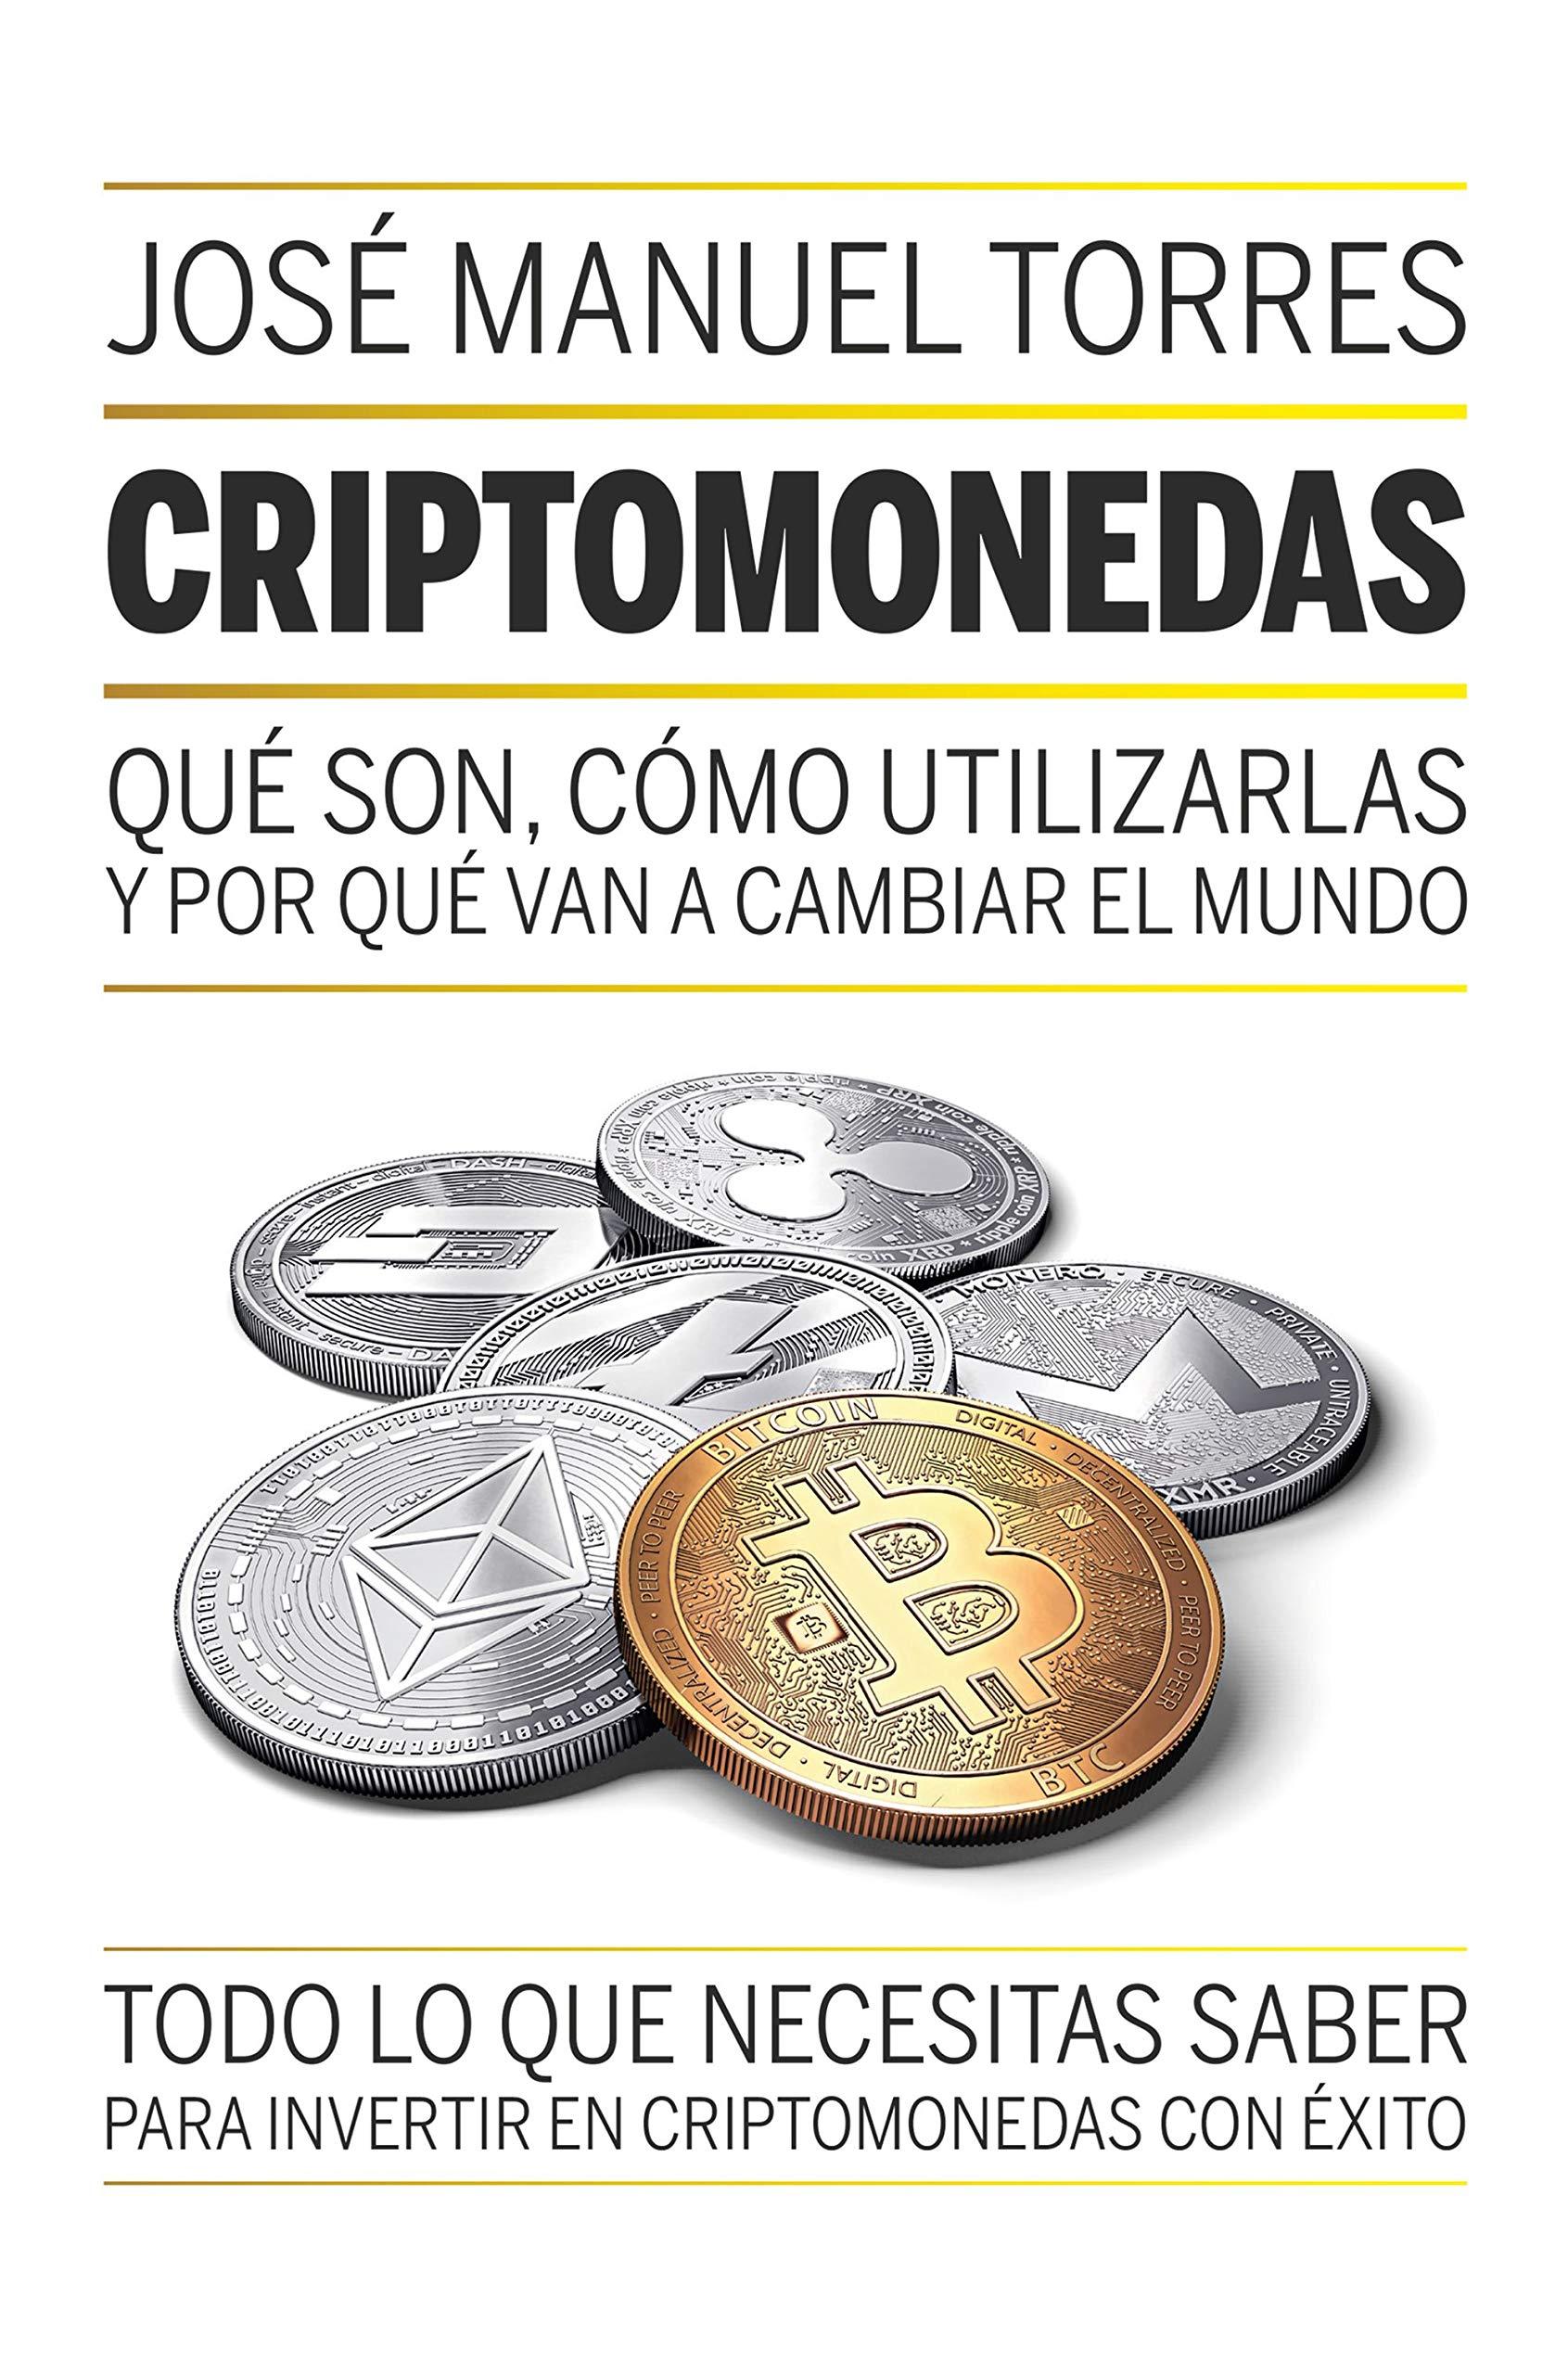 Criptomonedas Que Son Como Utilizarlas Y Por Que Van A Cambiar El Mundo Sin Coleccion Spanish Edition Torres Jose Manuel 9788498754889 Amazon Com Books